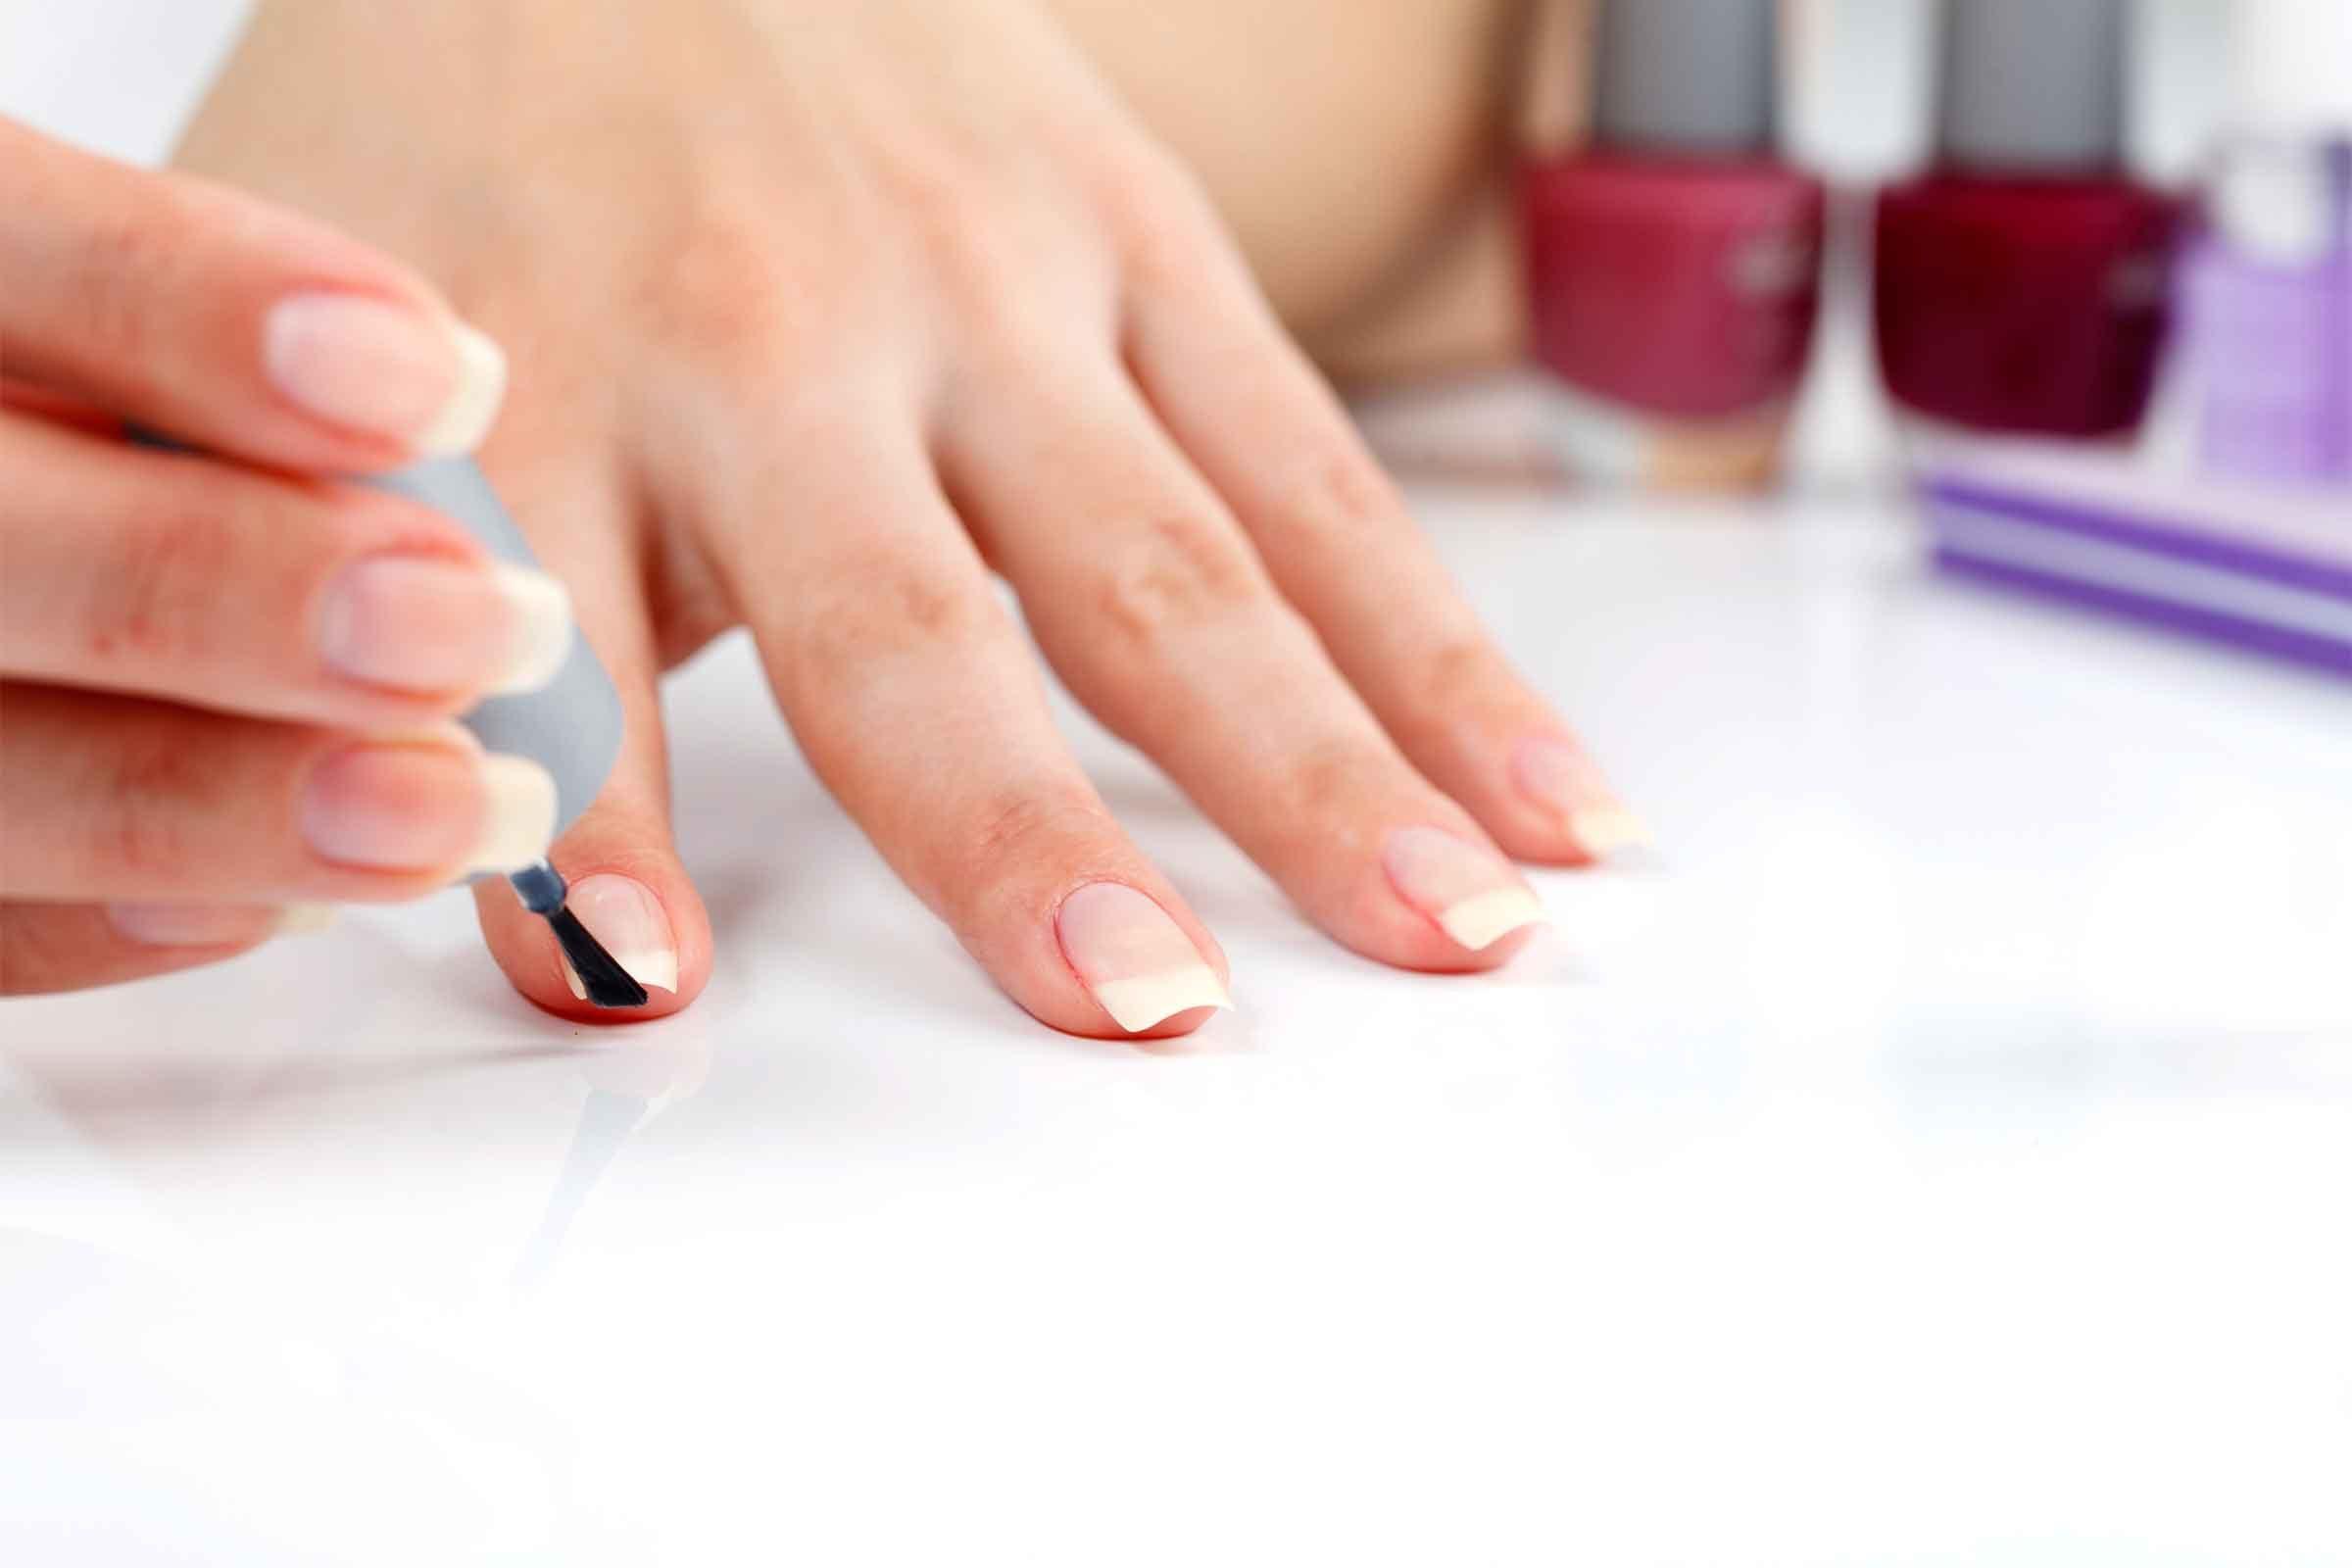 Rezultate imazhesh për base manicure